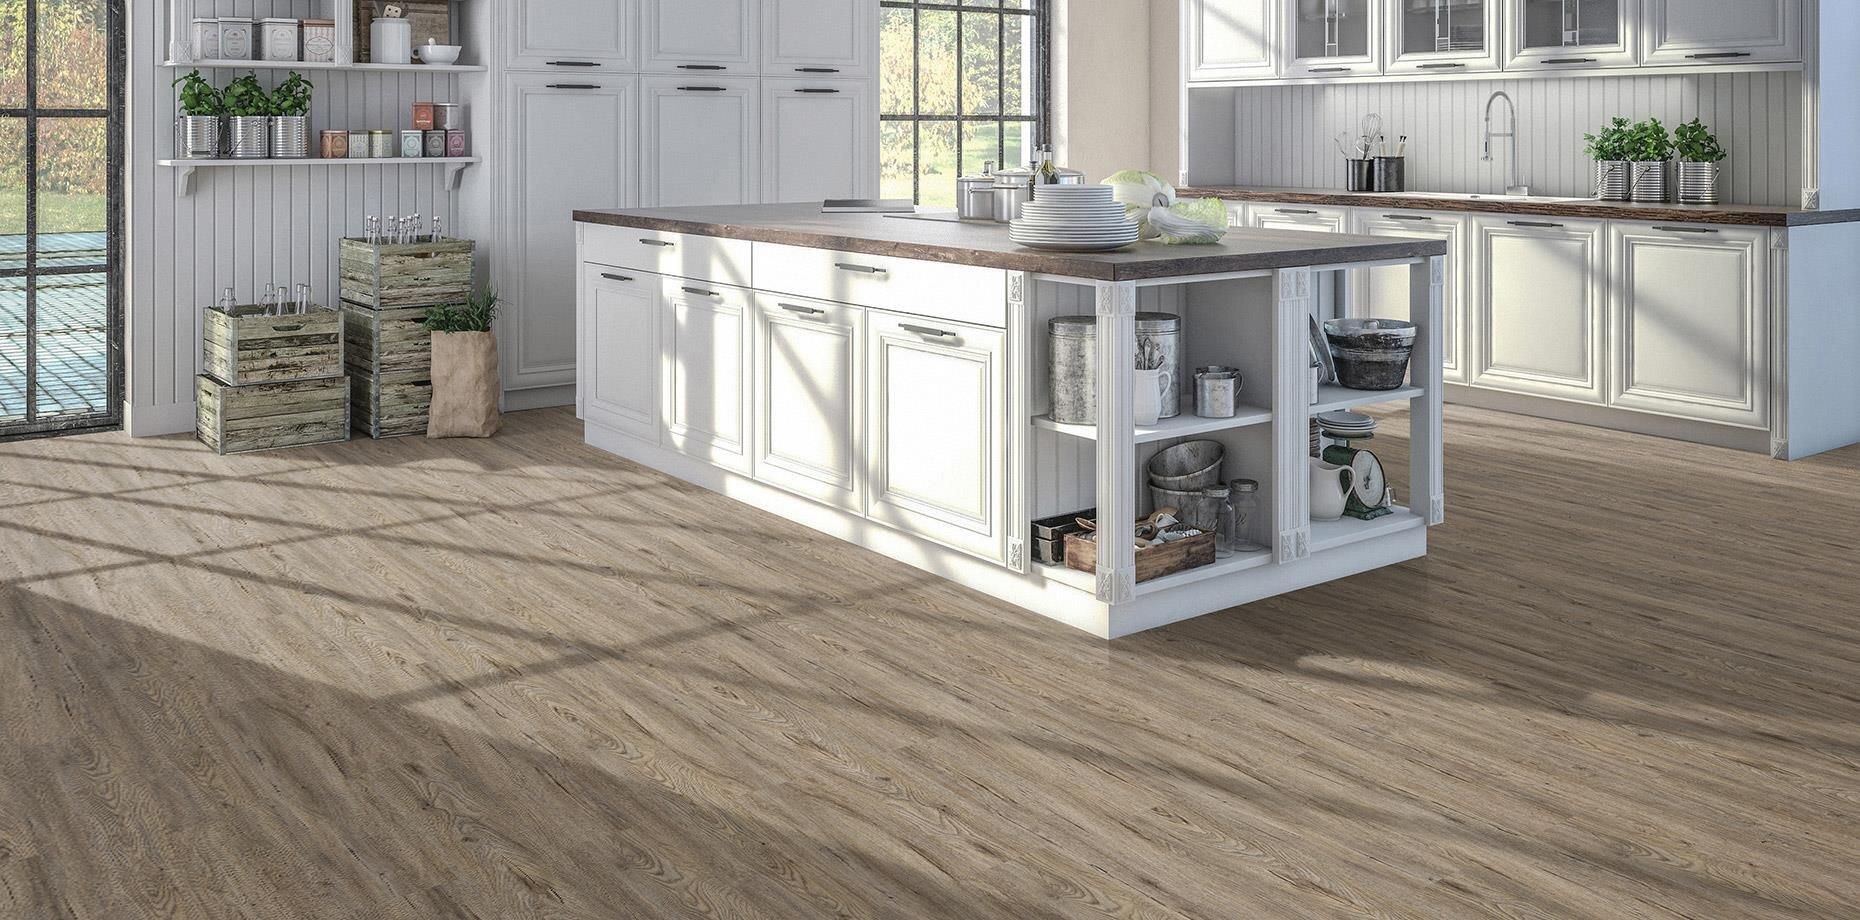 hampton-lebbeck-kitchen.jpg